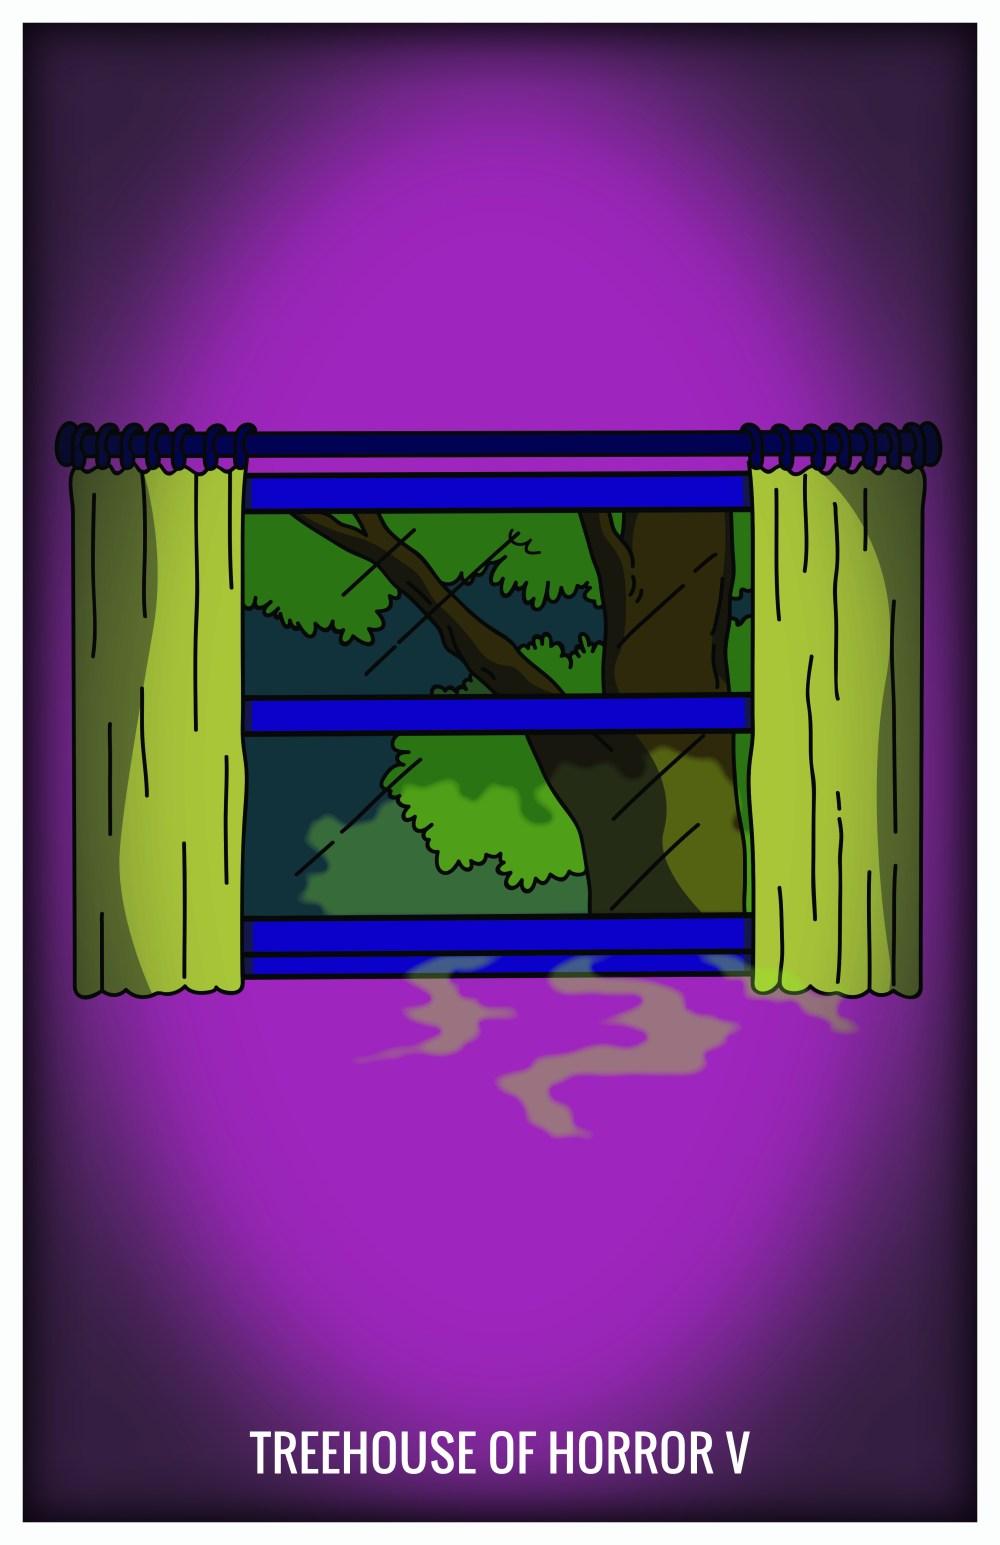 Treehouse of Horror - Treehouse of Horror V